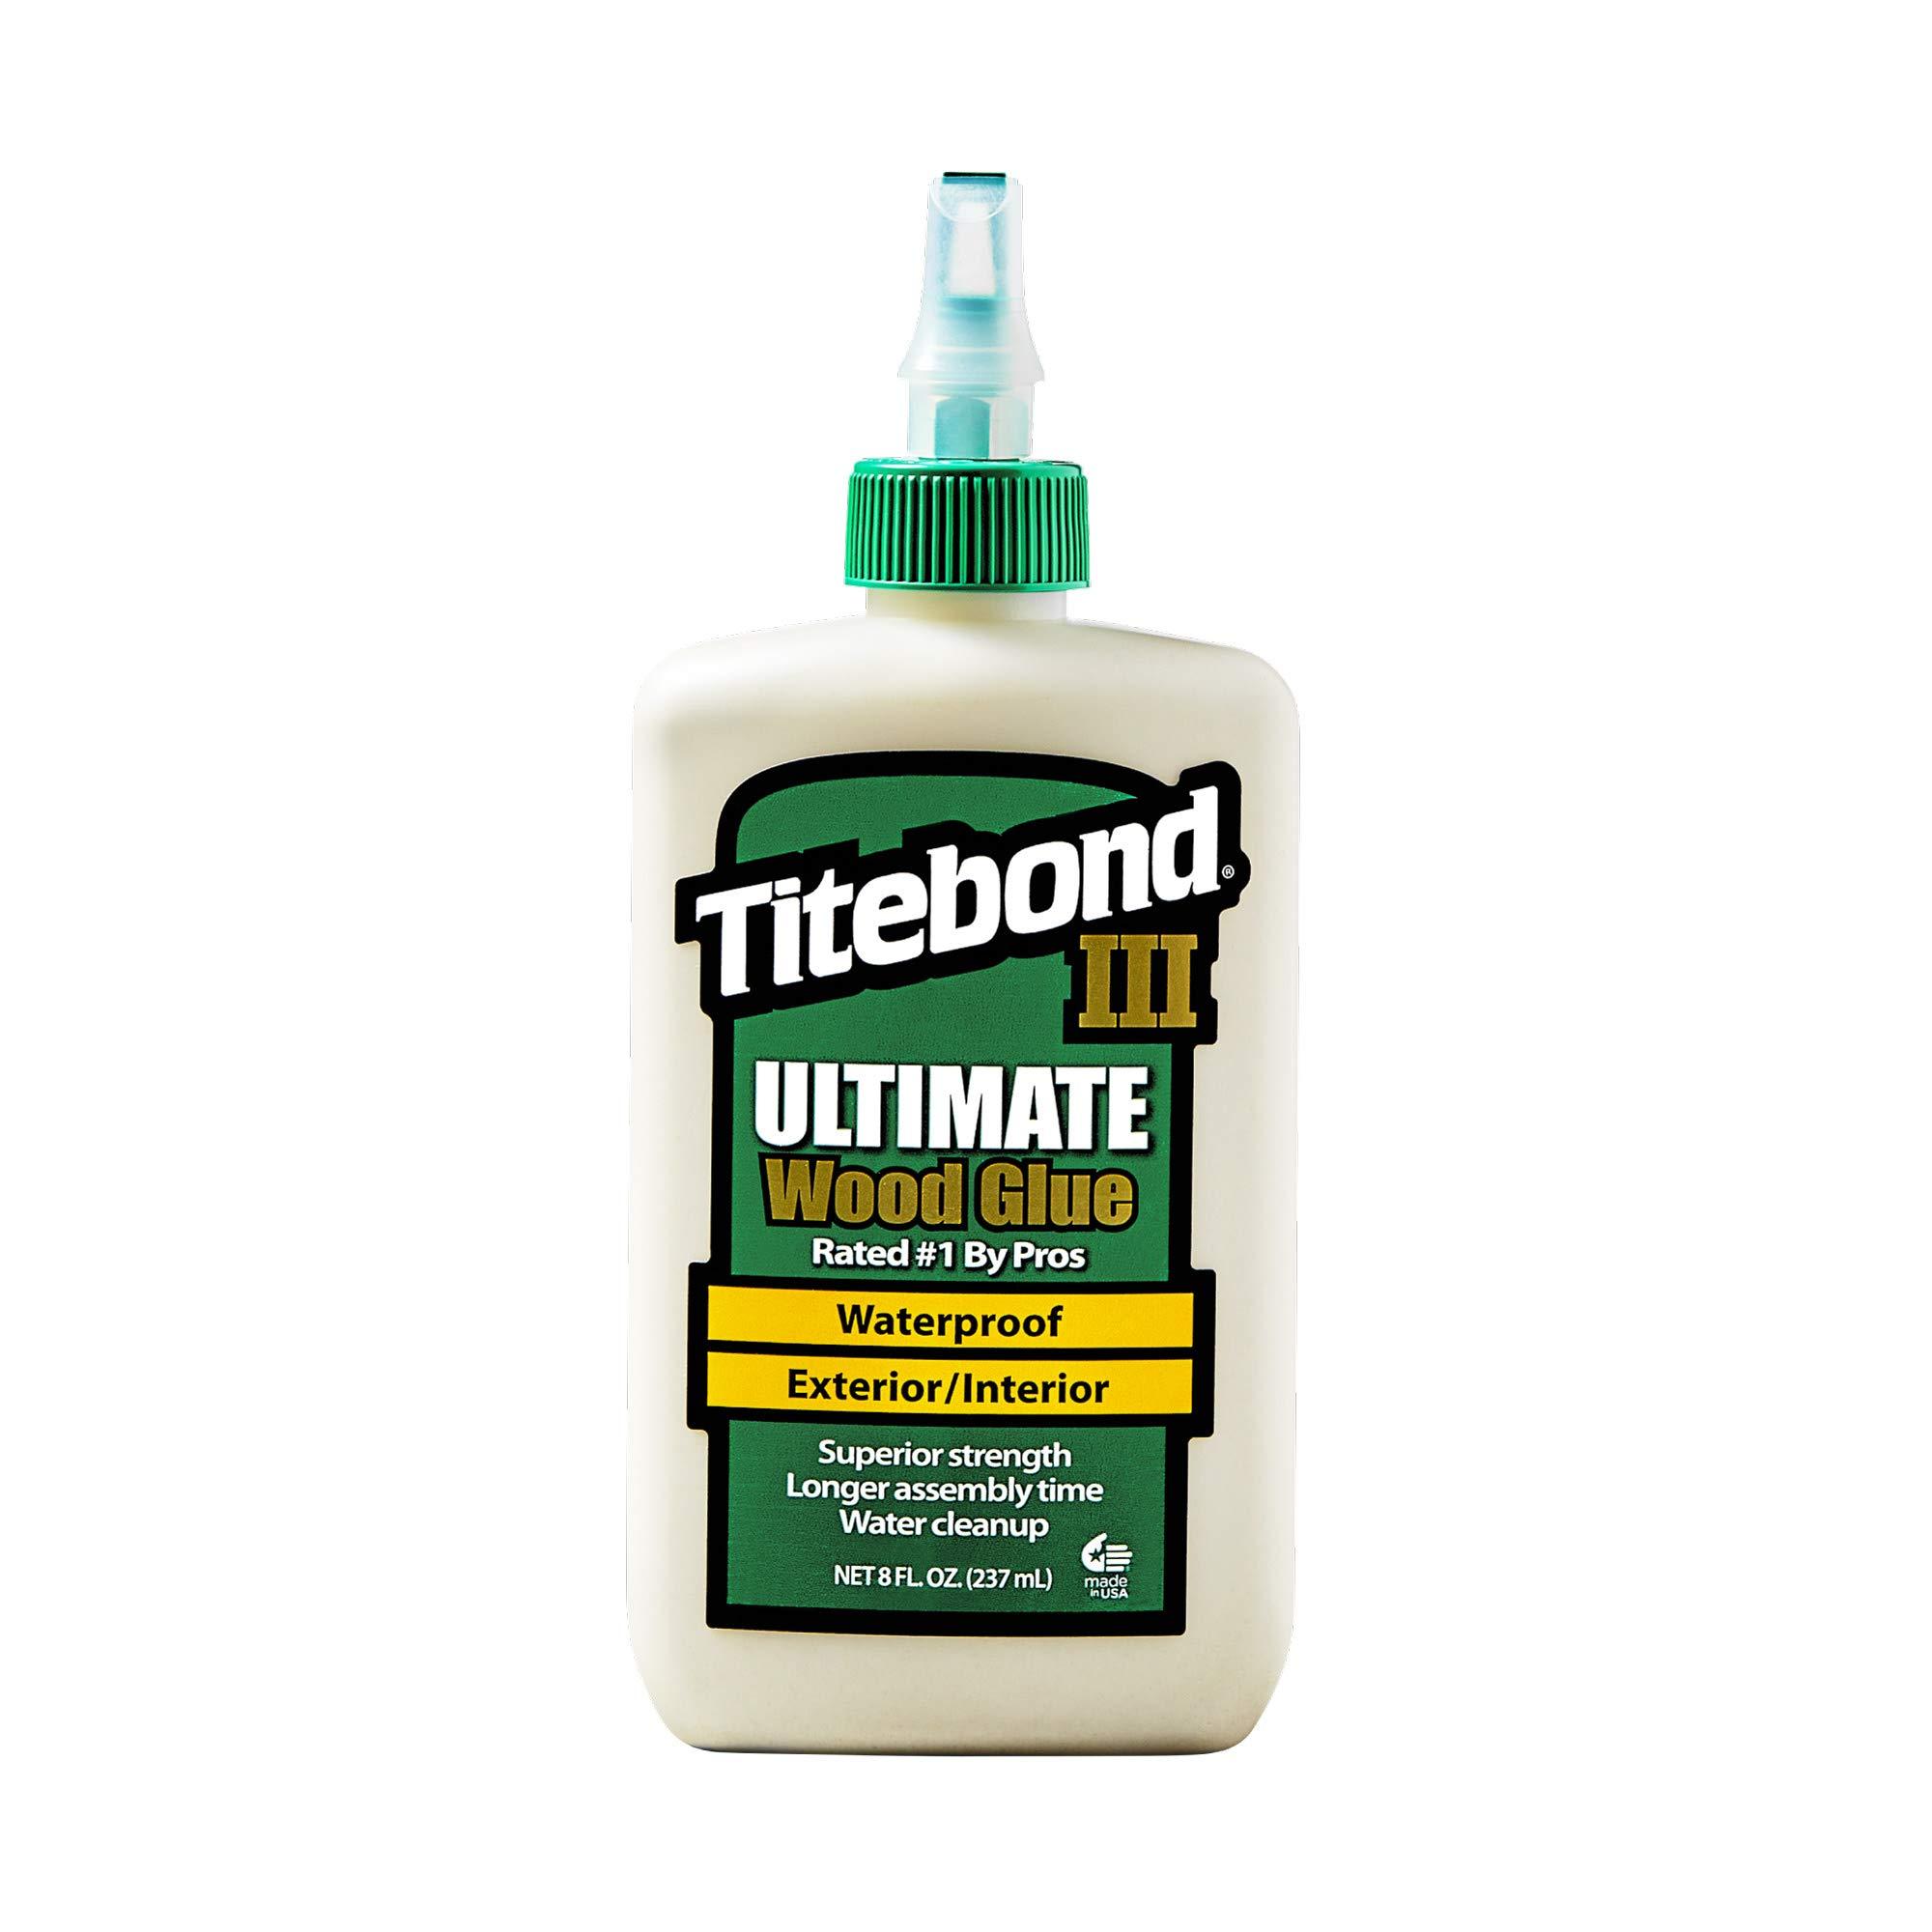 Titebond III Ultimate Wood Glue, 8 oz.